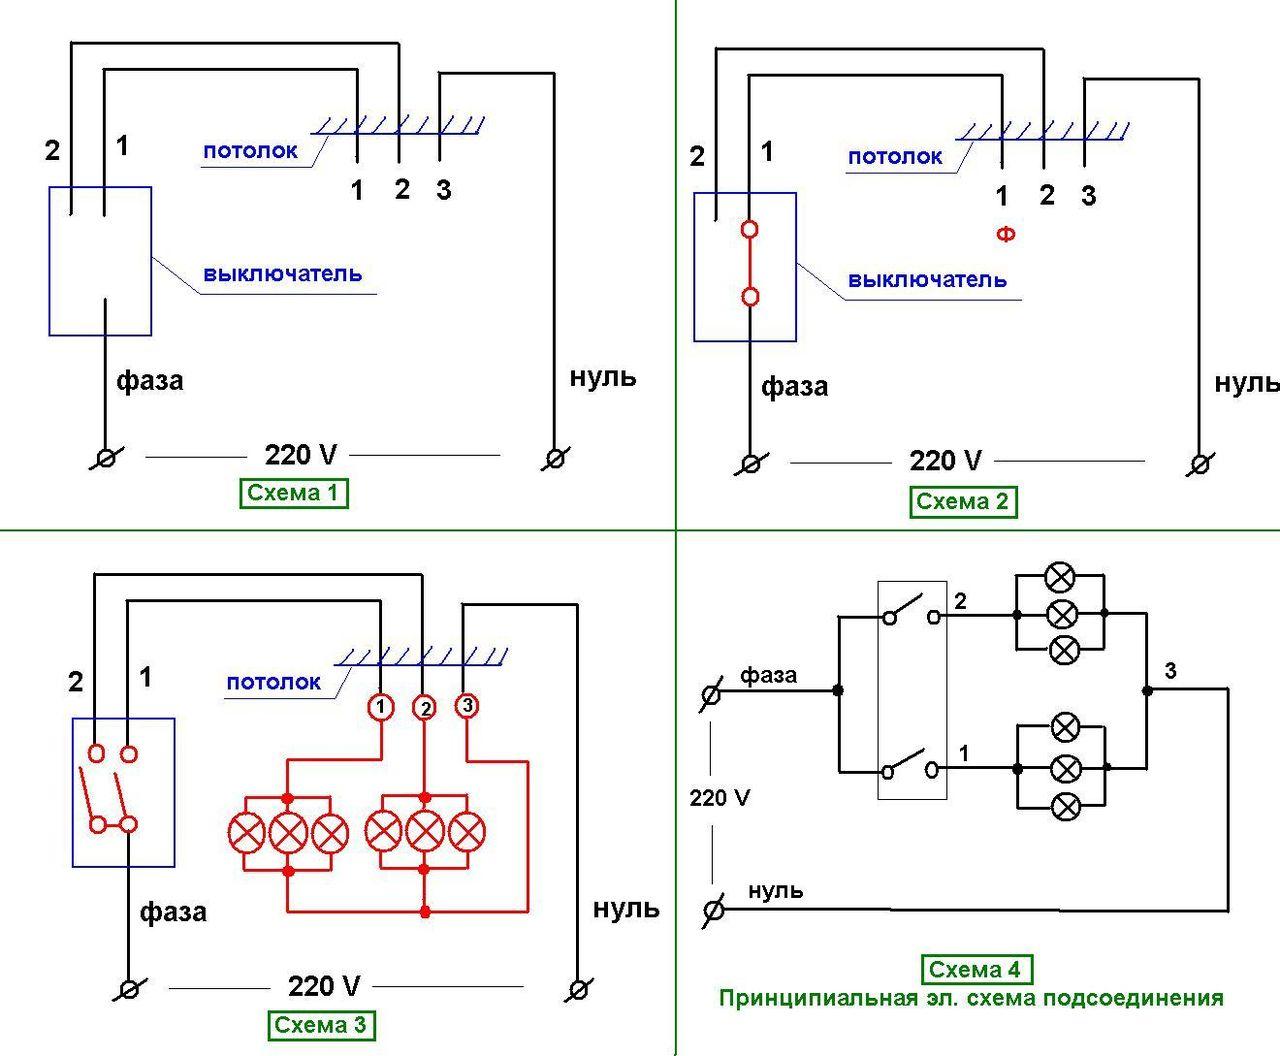 Схема подключения трехрожковой люстры на выключателях